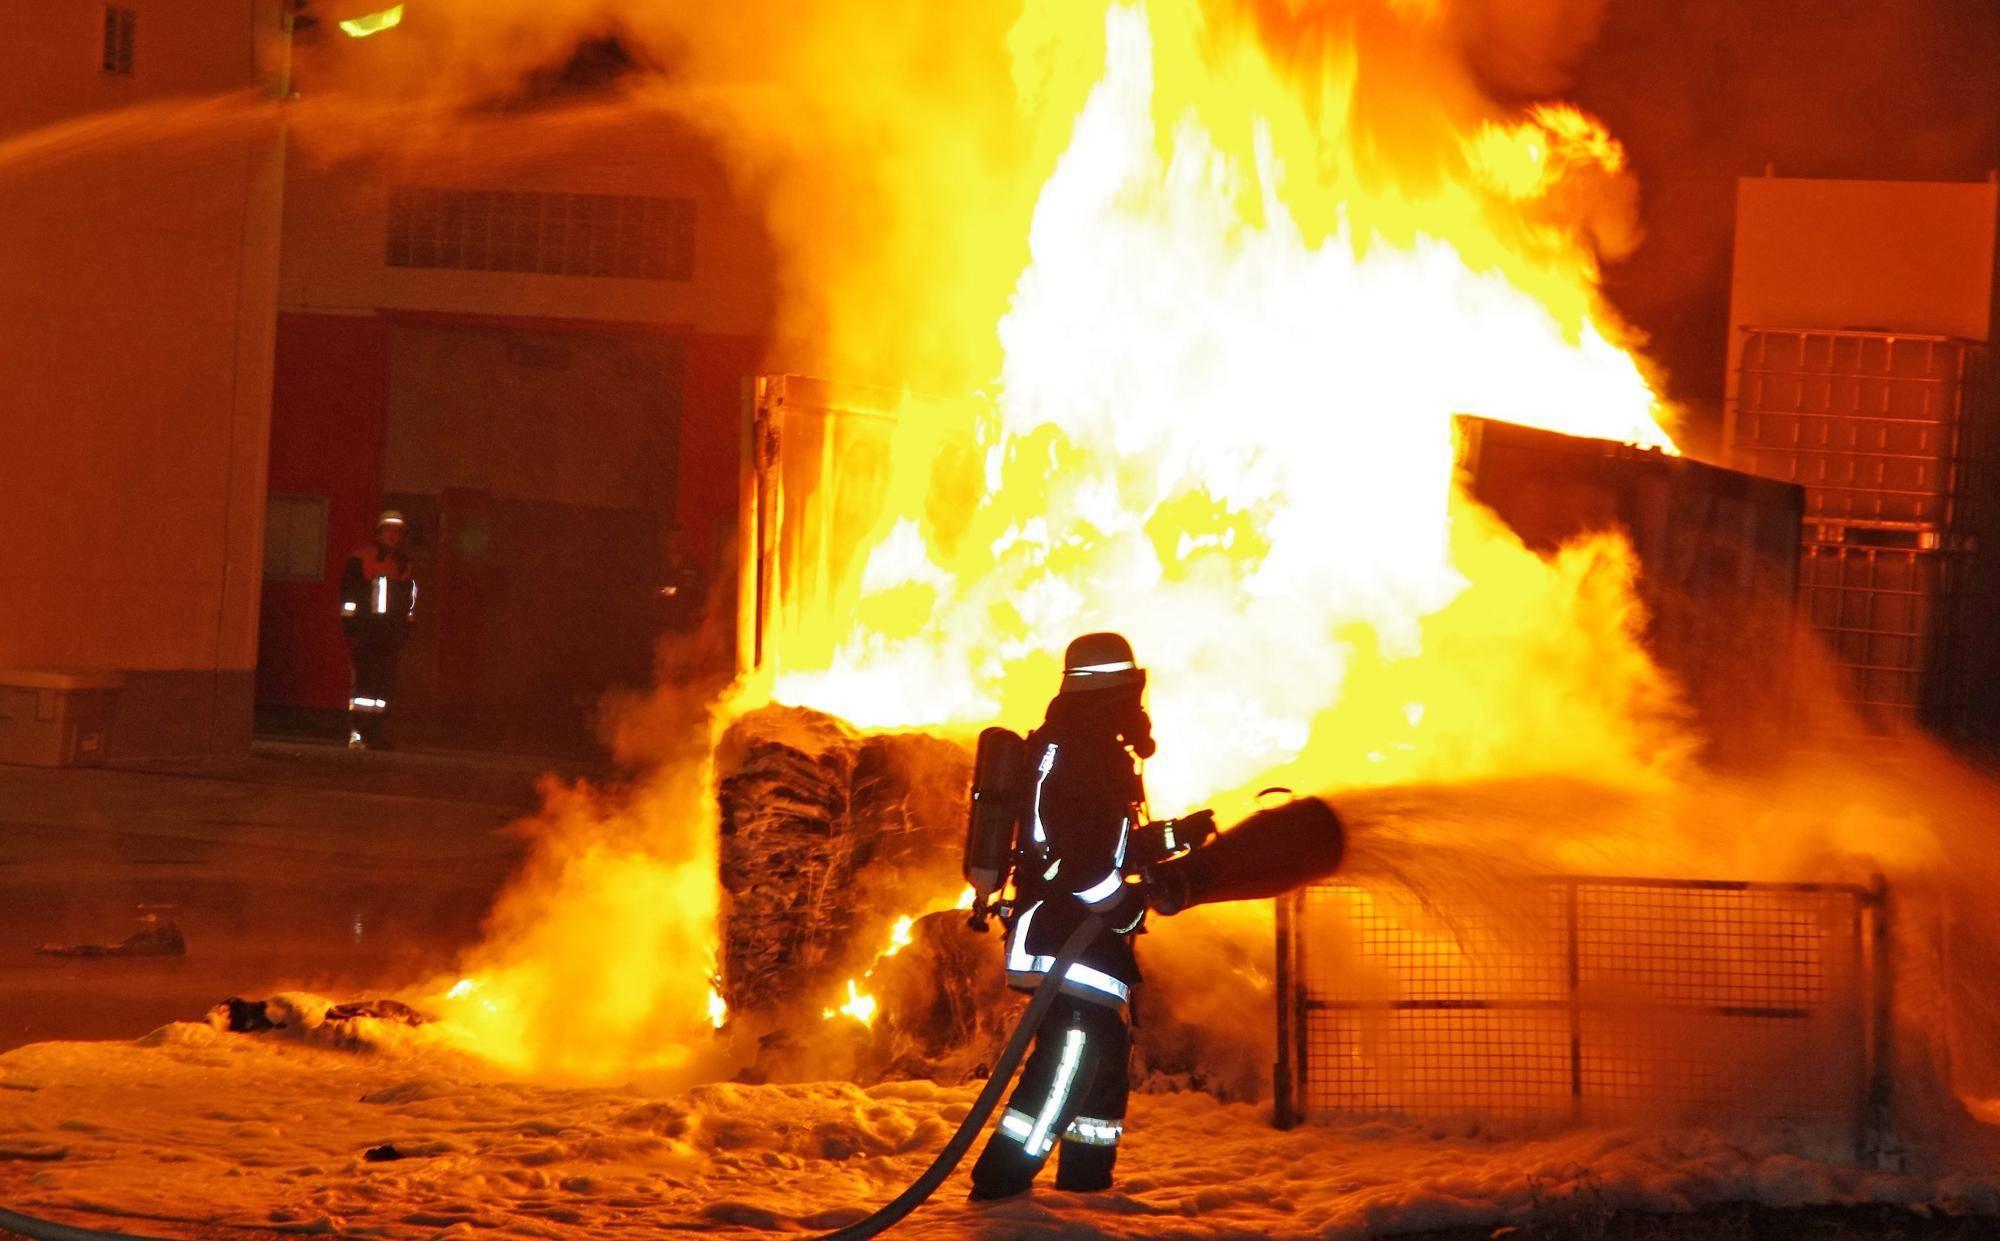 Feuerwehr Ellzee Containerbrand, Brand Ellzee, Foto Weiss, Robert Weiss, Feuerwehr Ichenhausen, Obeser, BSAktuell Ellzee Brand